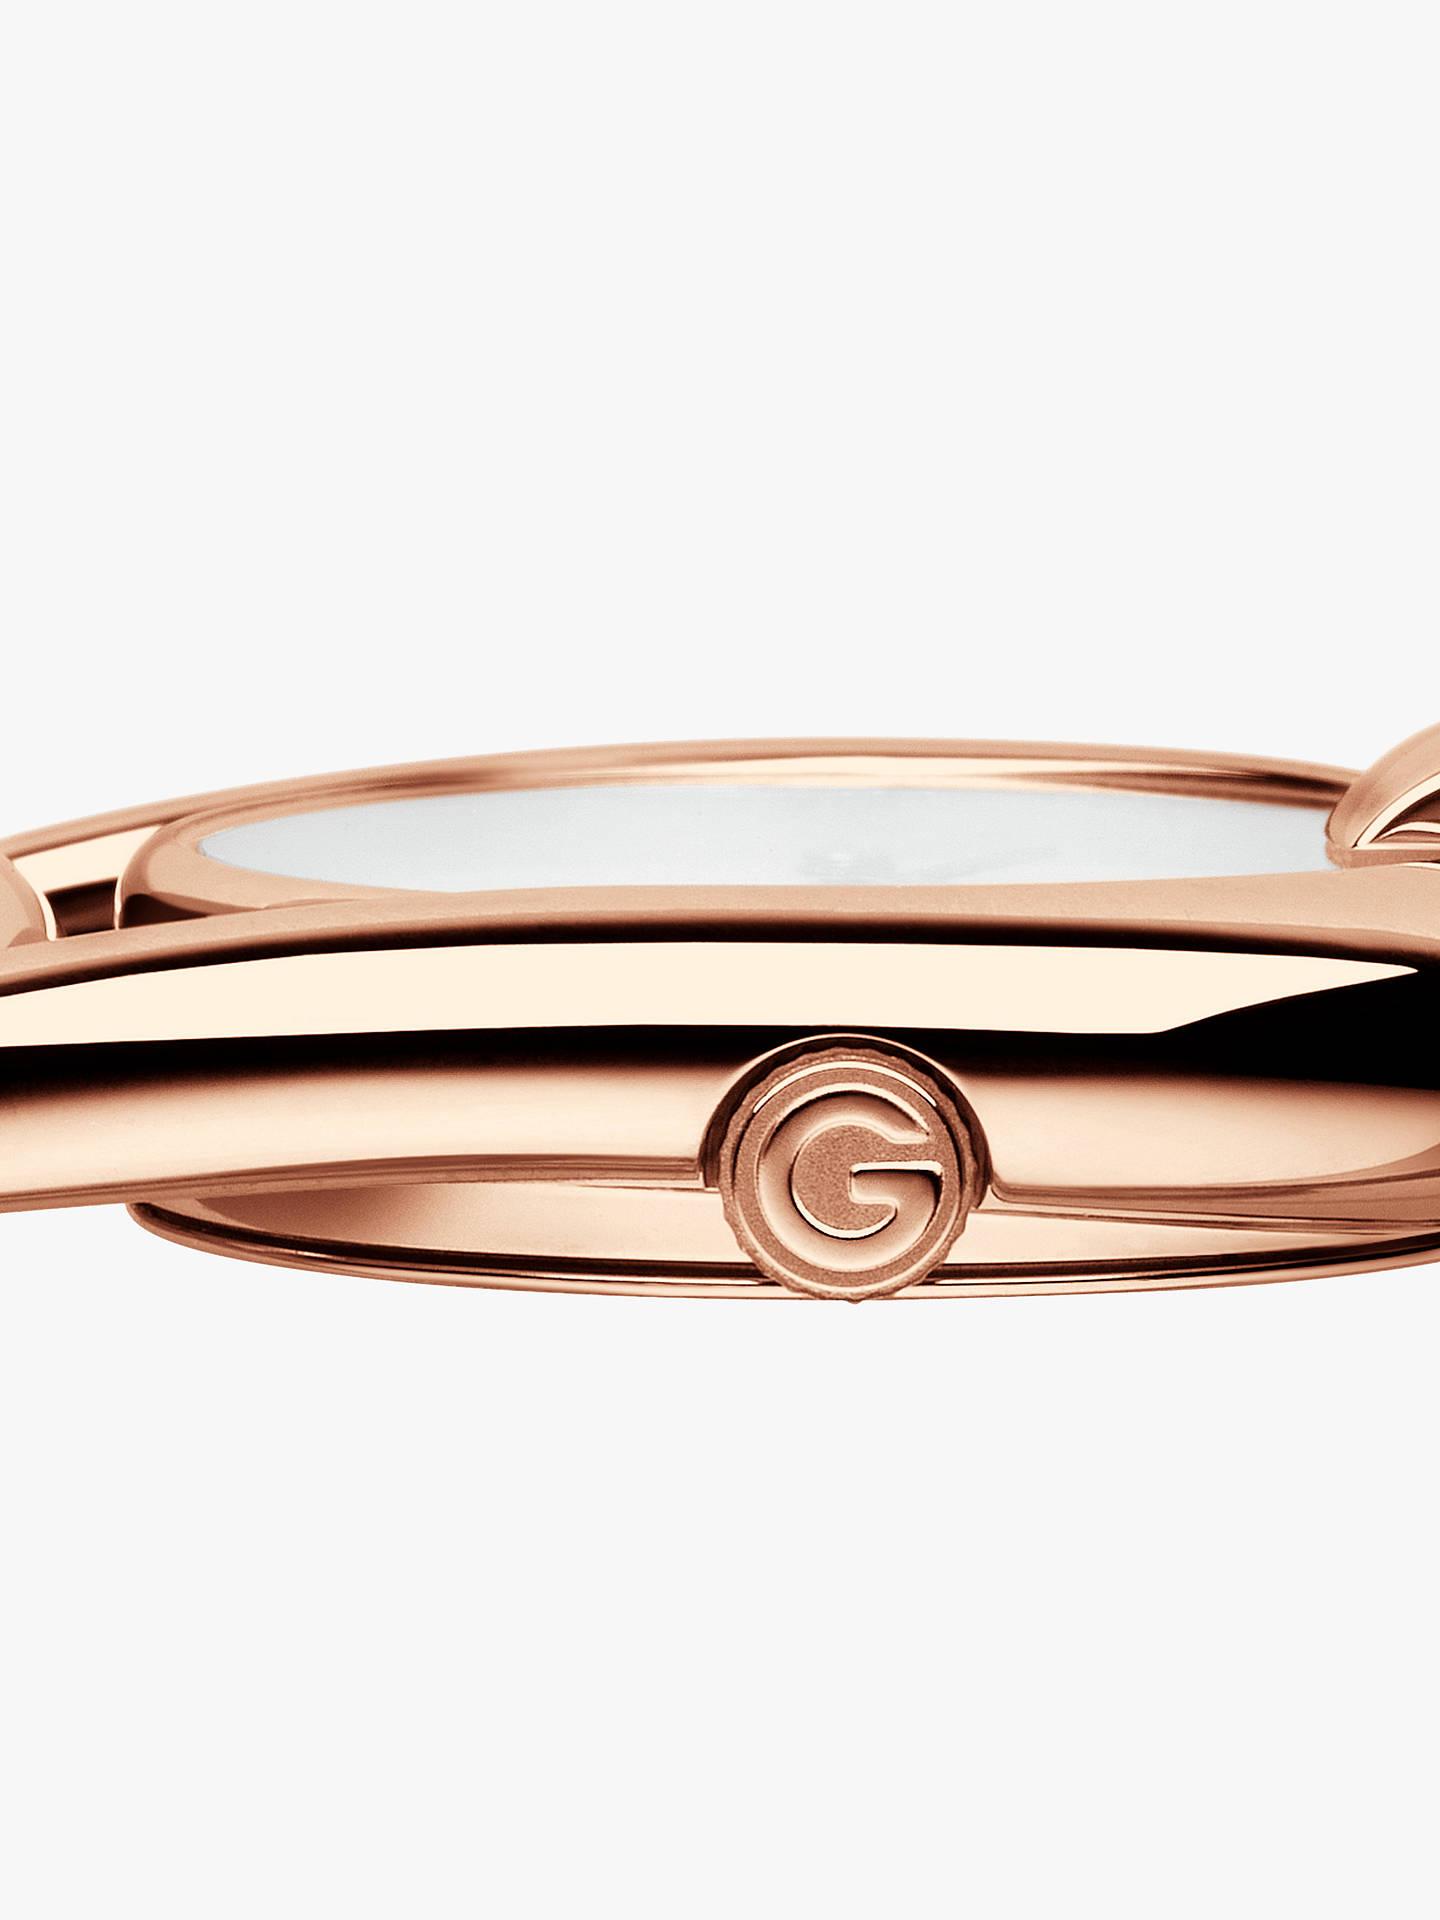 f8841eaa890 ... Buy Gucci YA139508 Women s Horsebit Diamond Bracelet Strap Watch